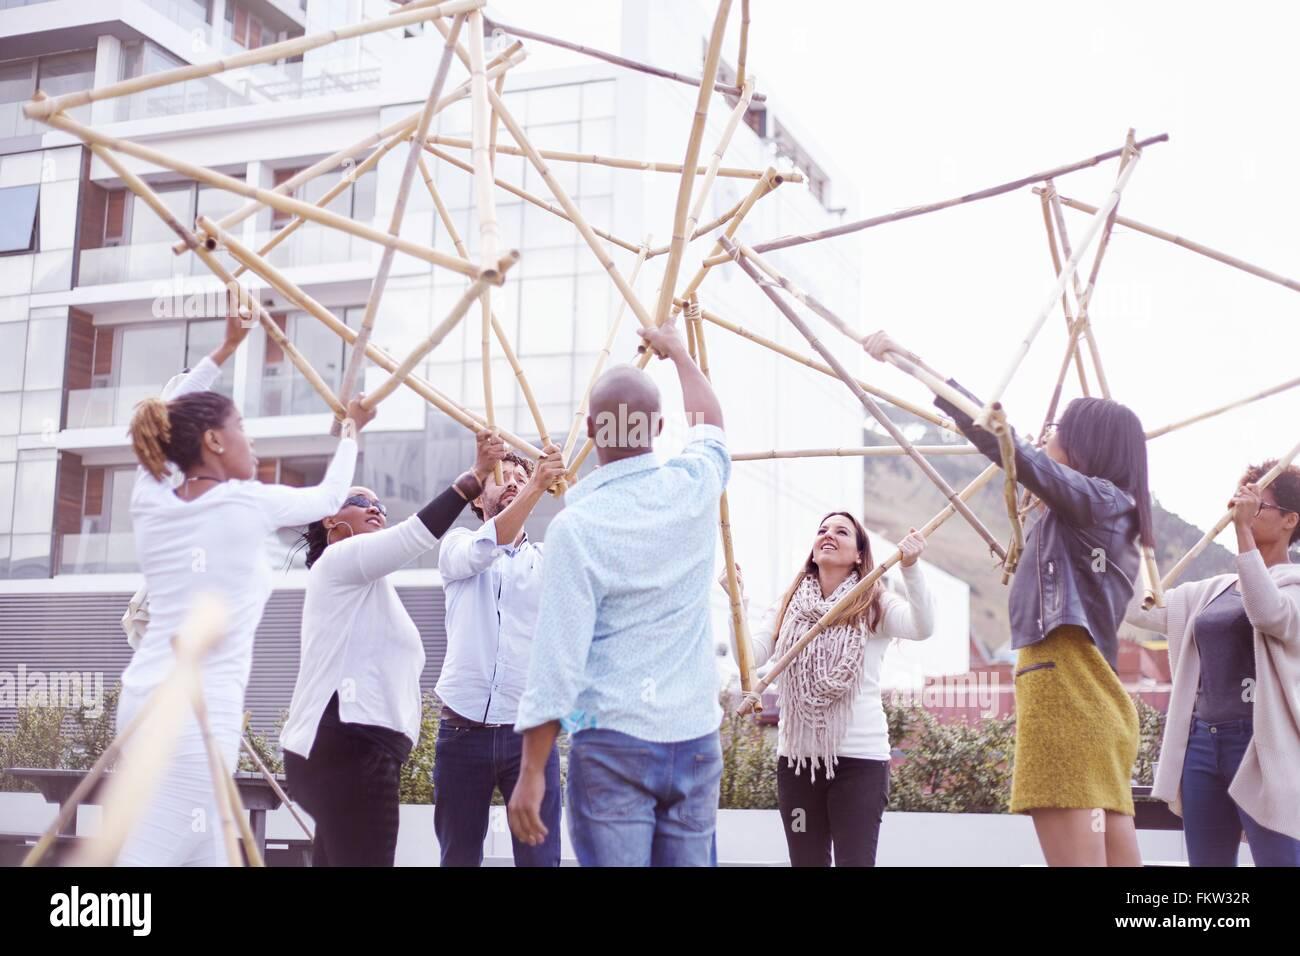 Basso angolo di vista i colleghi di team building attività di costruzione di sollevamento struttura in legno Immagini Stock